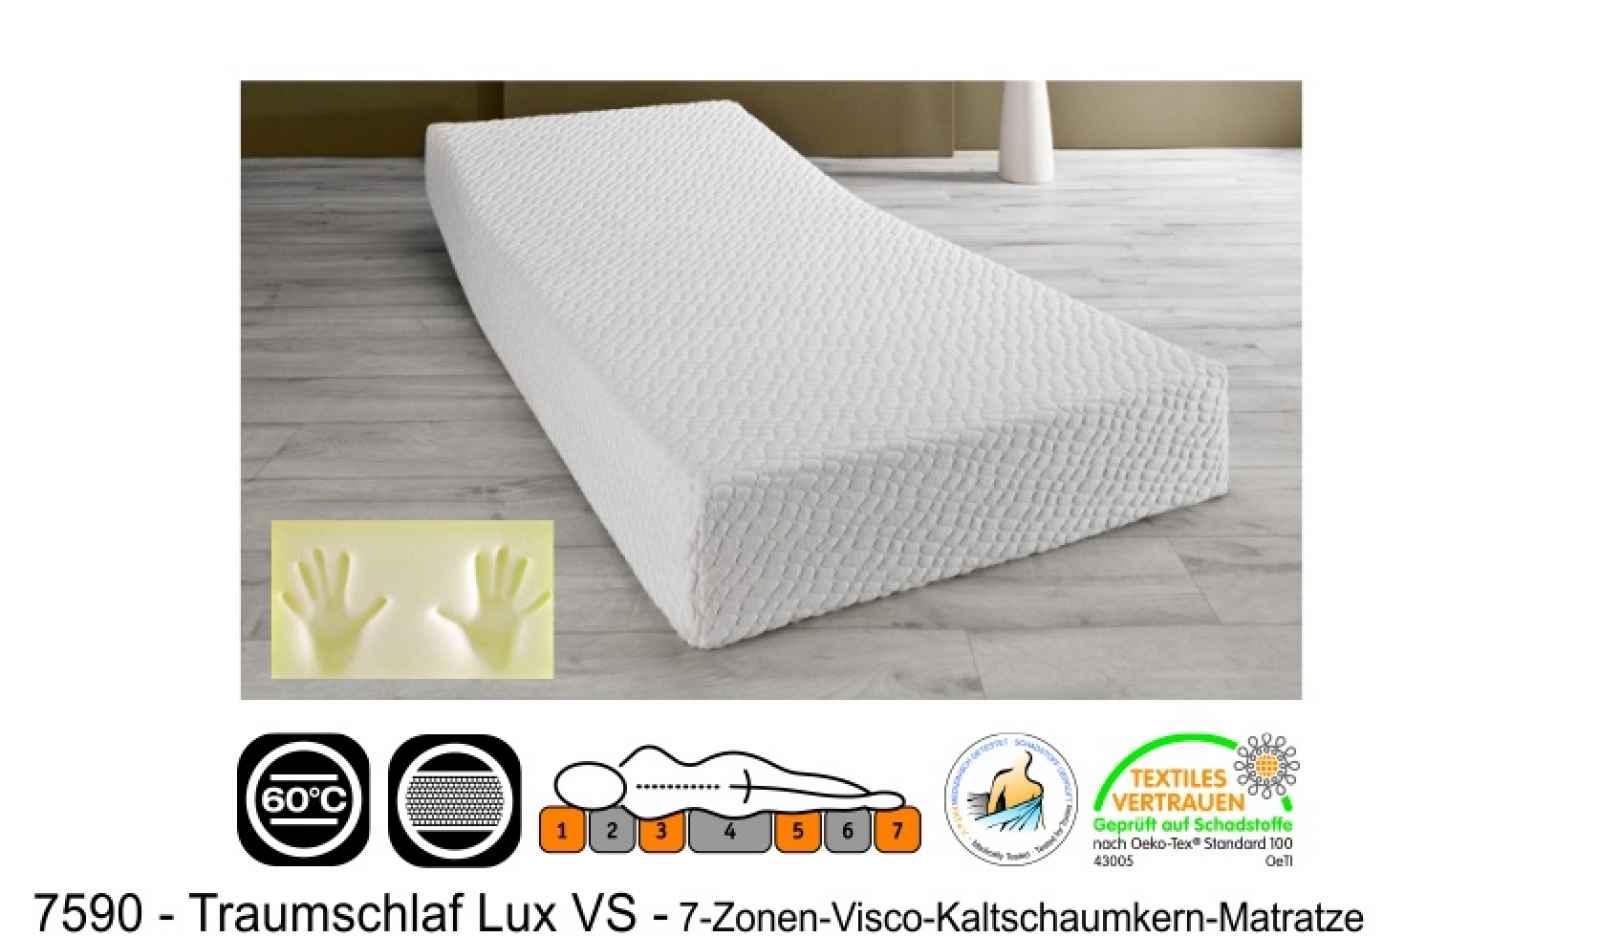 Matratze 7590 Traumschlaf Lux VS